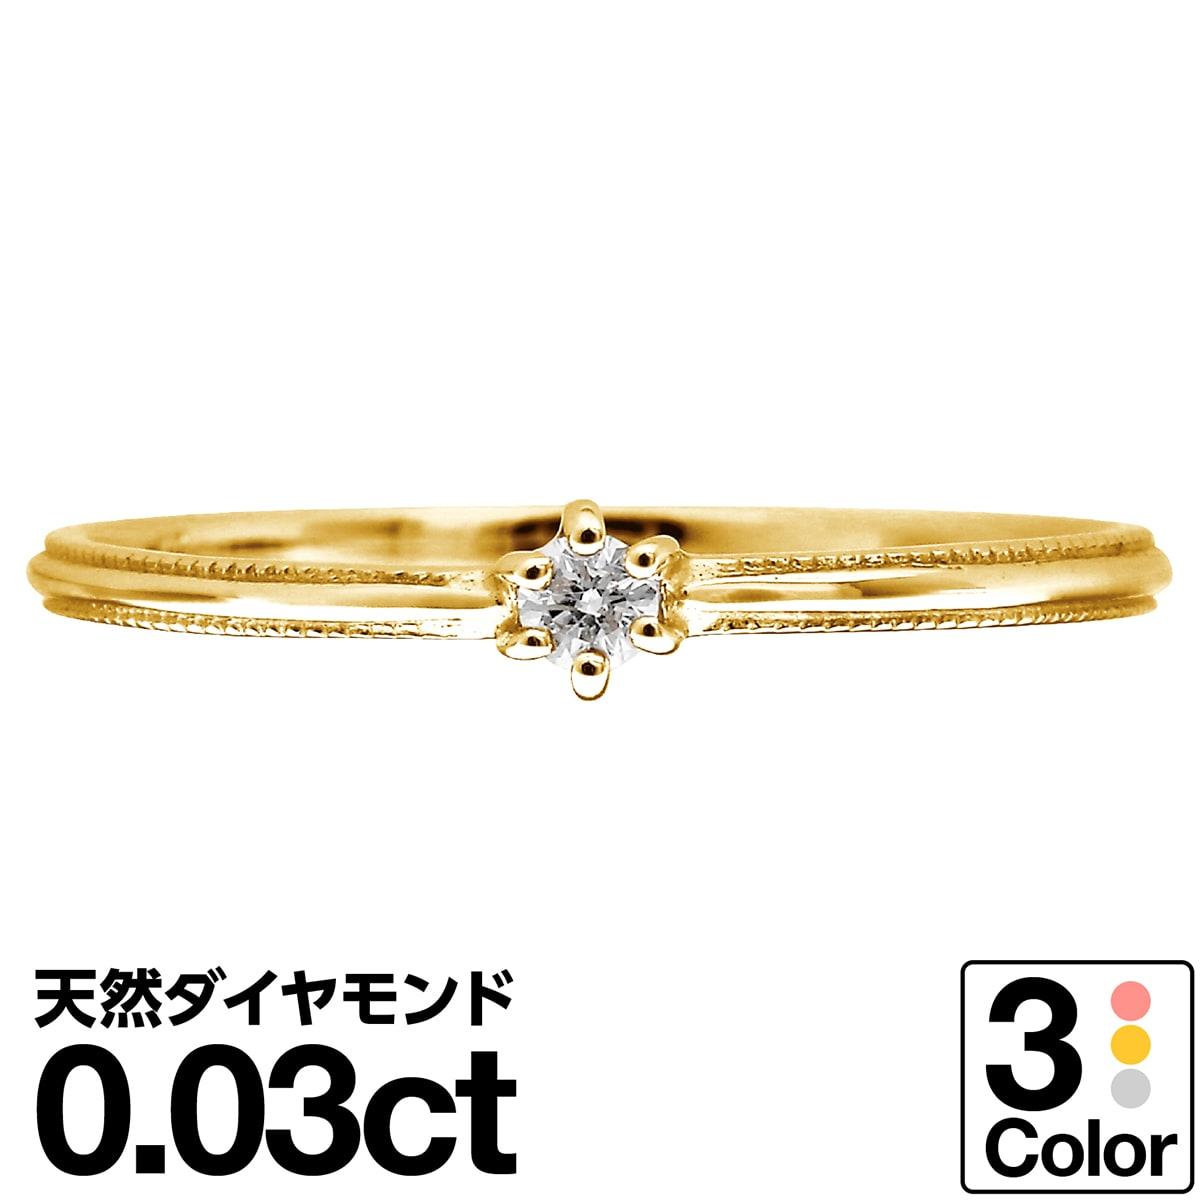 一粒 ダイヤモンド リング k10 イエローゴールド/ホワイトゴールド/ピンクゴールド ファッションリング 品質保証書 金属アレルギー 日本製 誕生日 ギフト